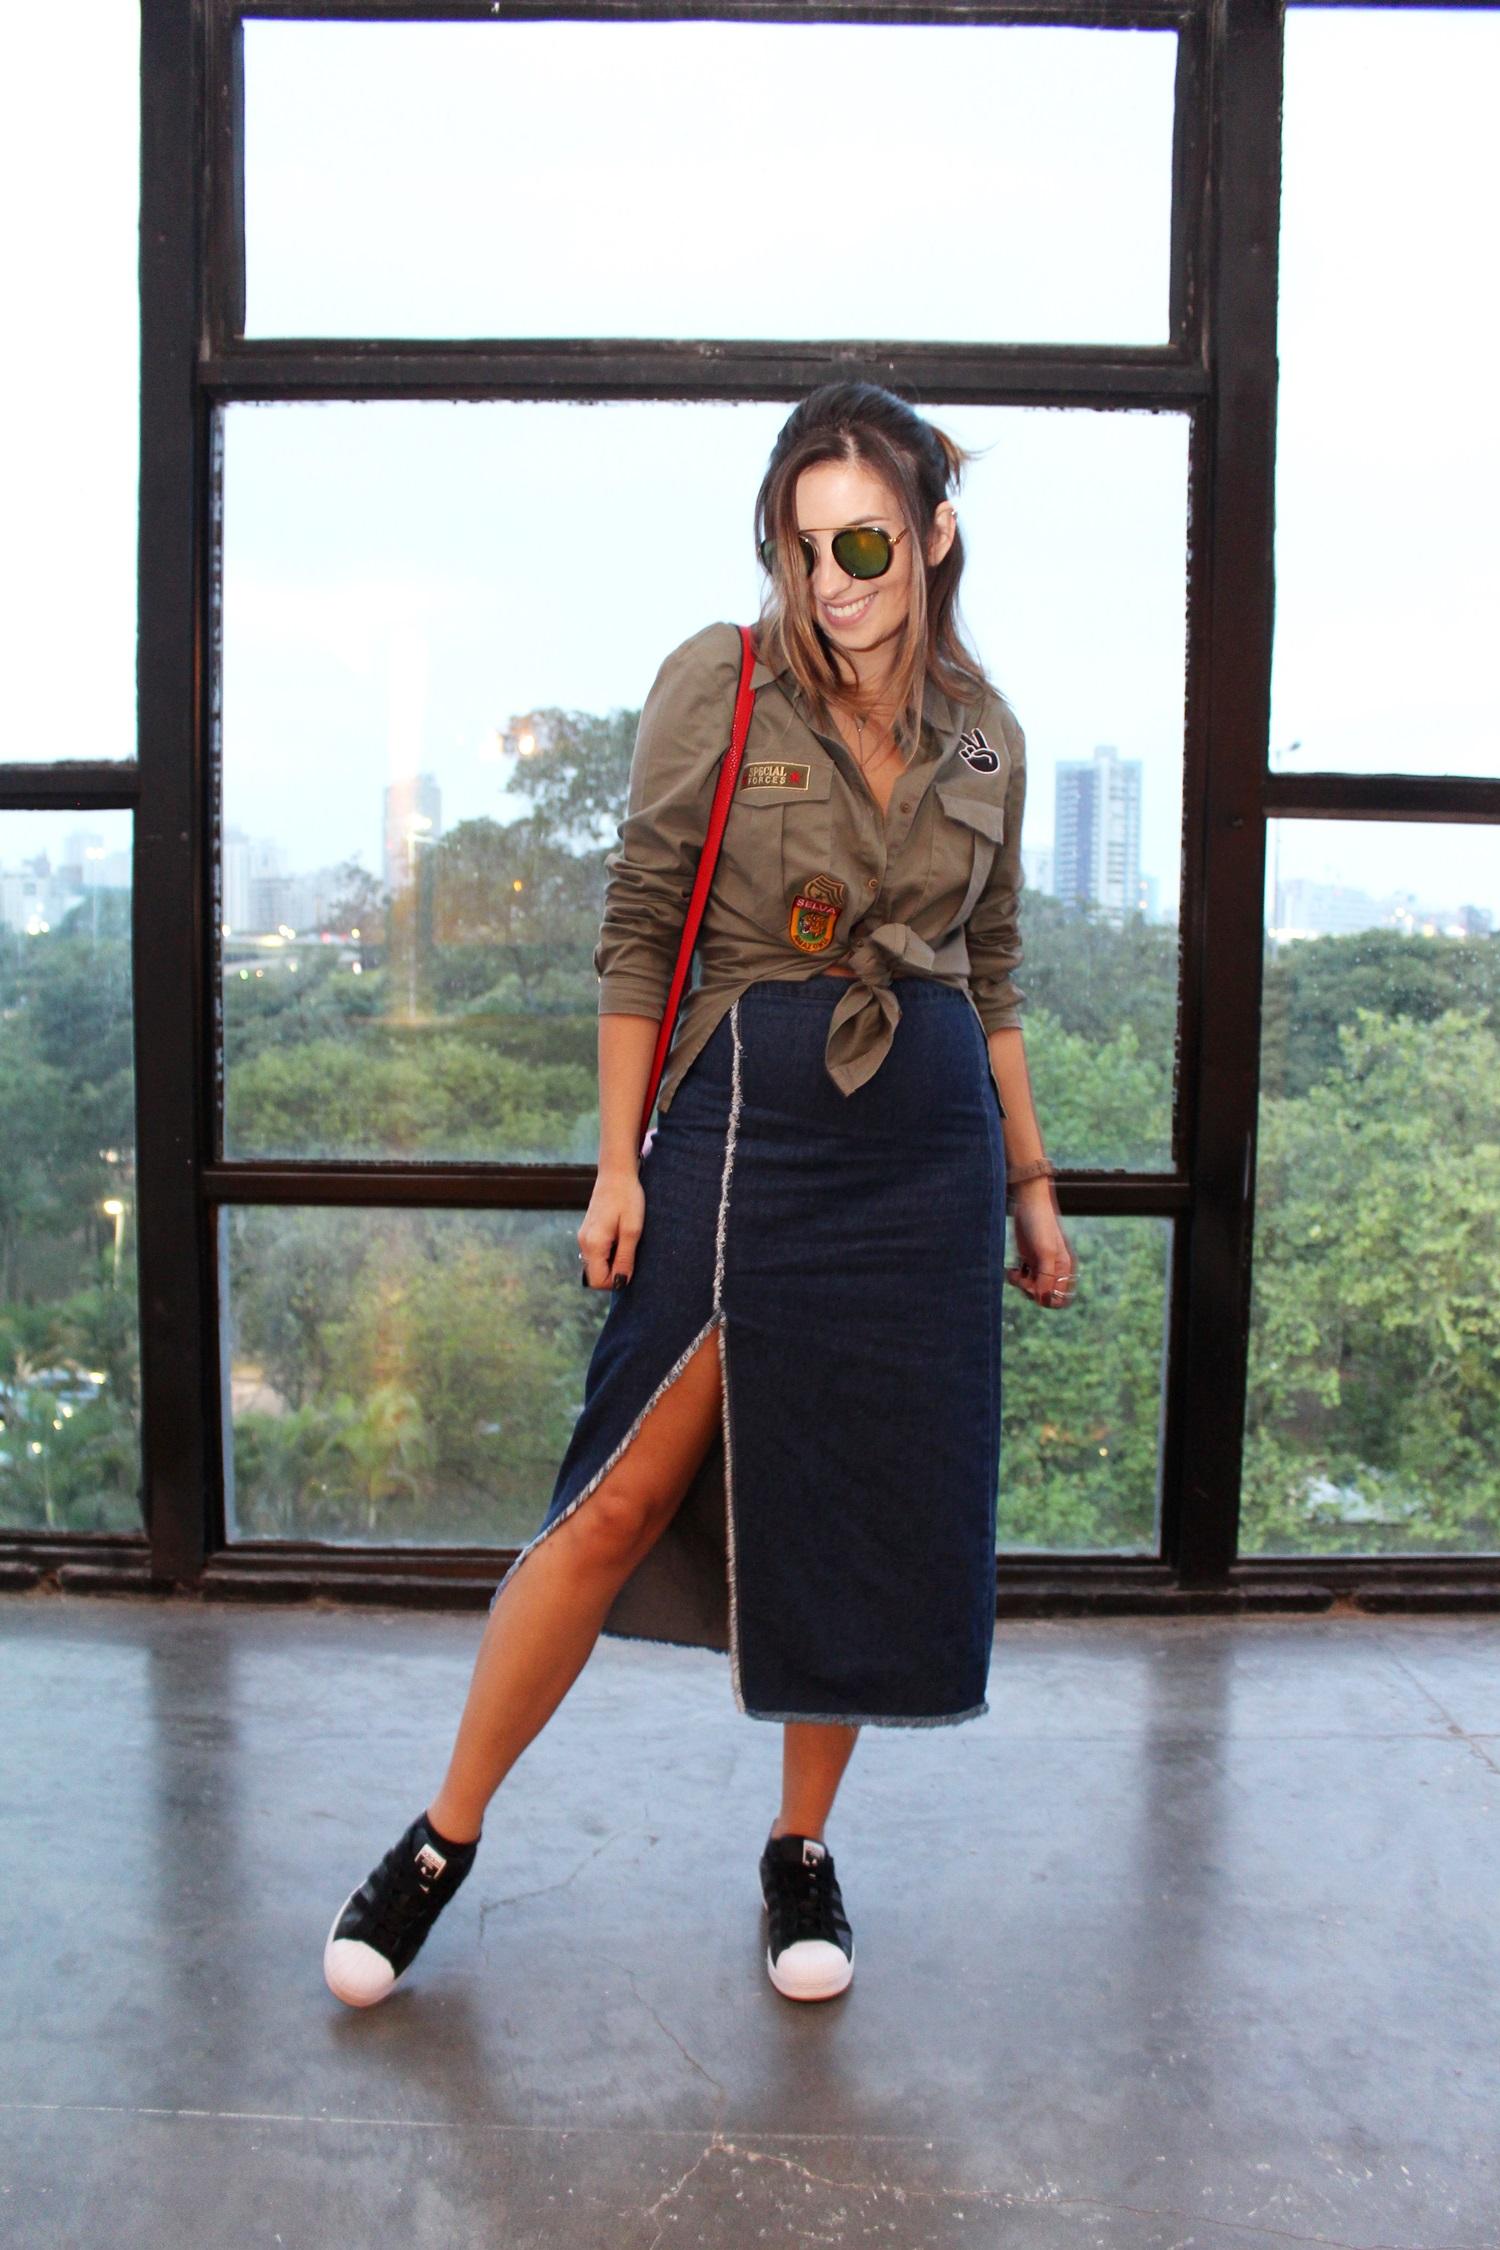 SPFW-N41-street-style-saia-jeans-jaqueta-patches-leboh-blog-van-duarte-9